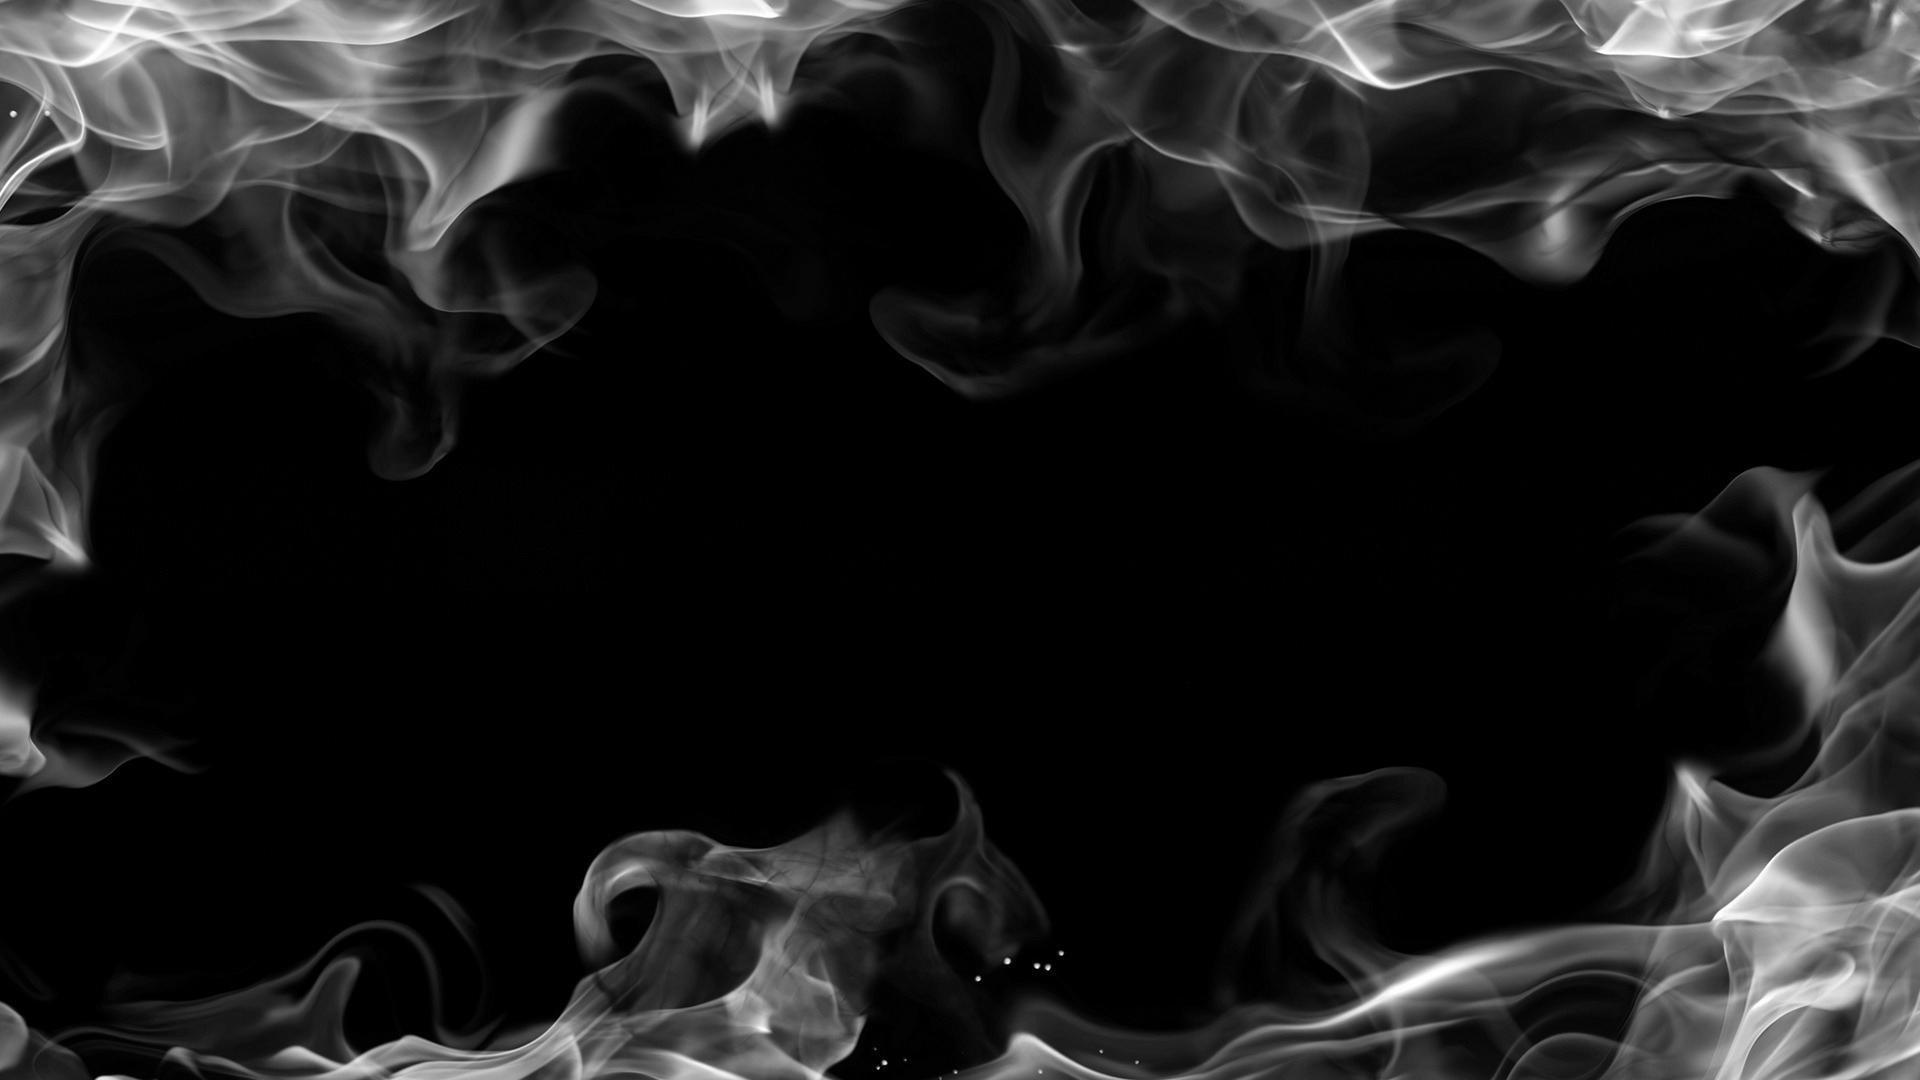 Black Smoking Wallpapers Top Free Black Smoking Backgrounds Wallpaperaccess